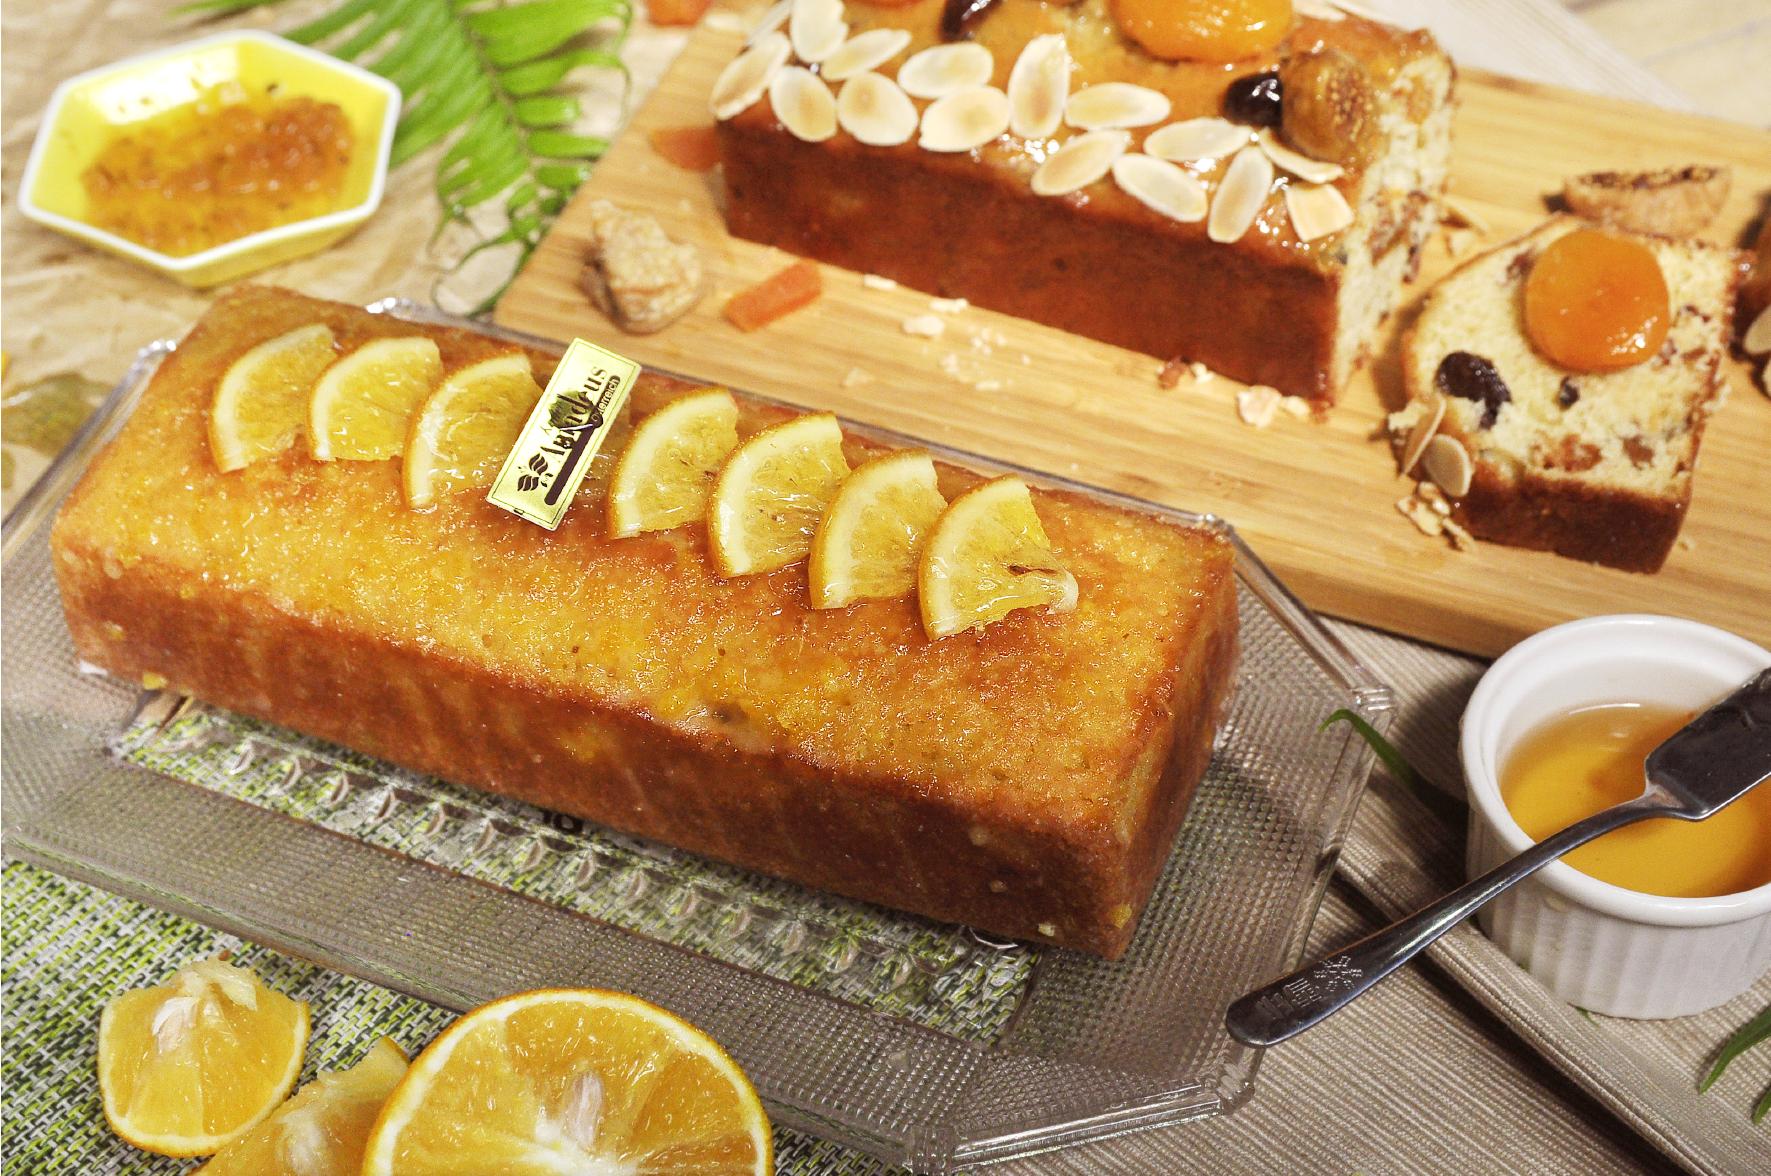 【阿瑪迪斯蛋糕】晨曦柑橘磅蛋糕